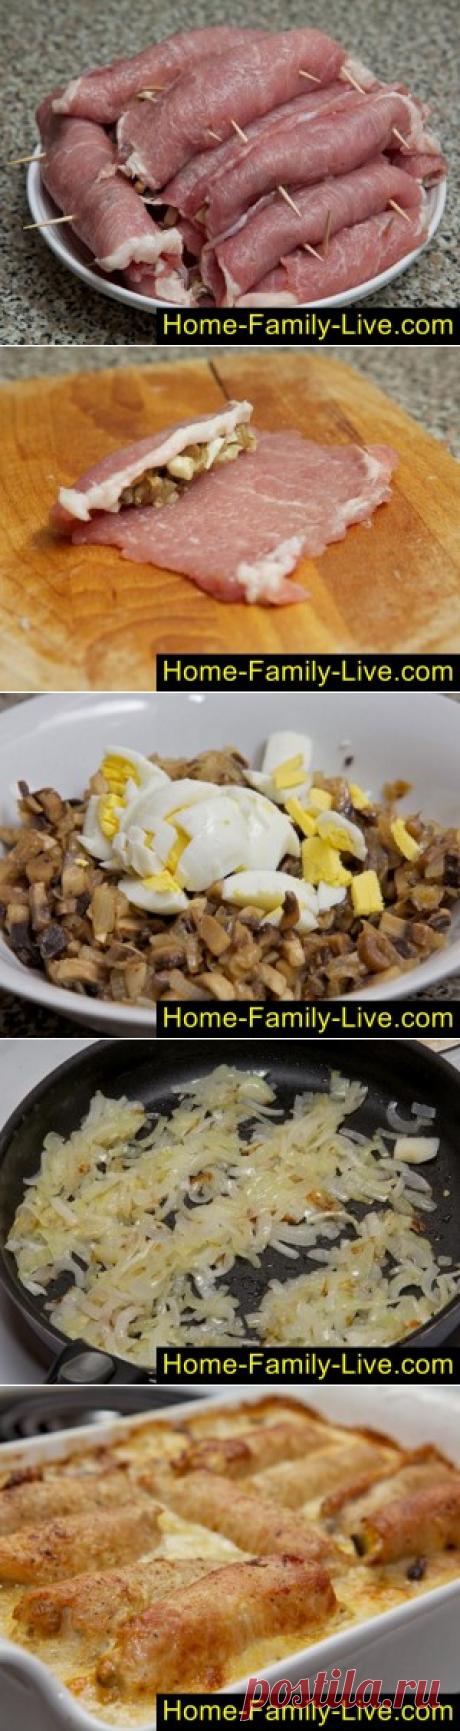 Крученики/Сайт с пошаговыми рецептами с фото для тех кто любит готовить